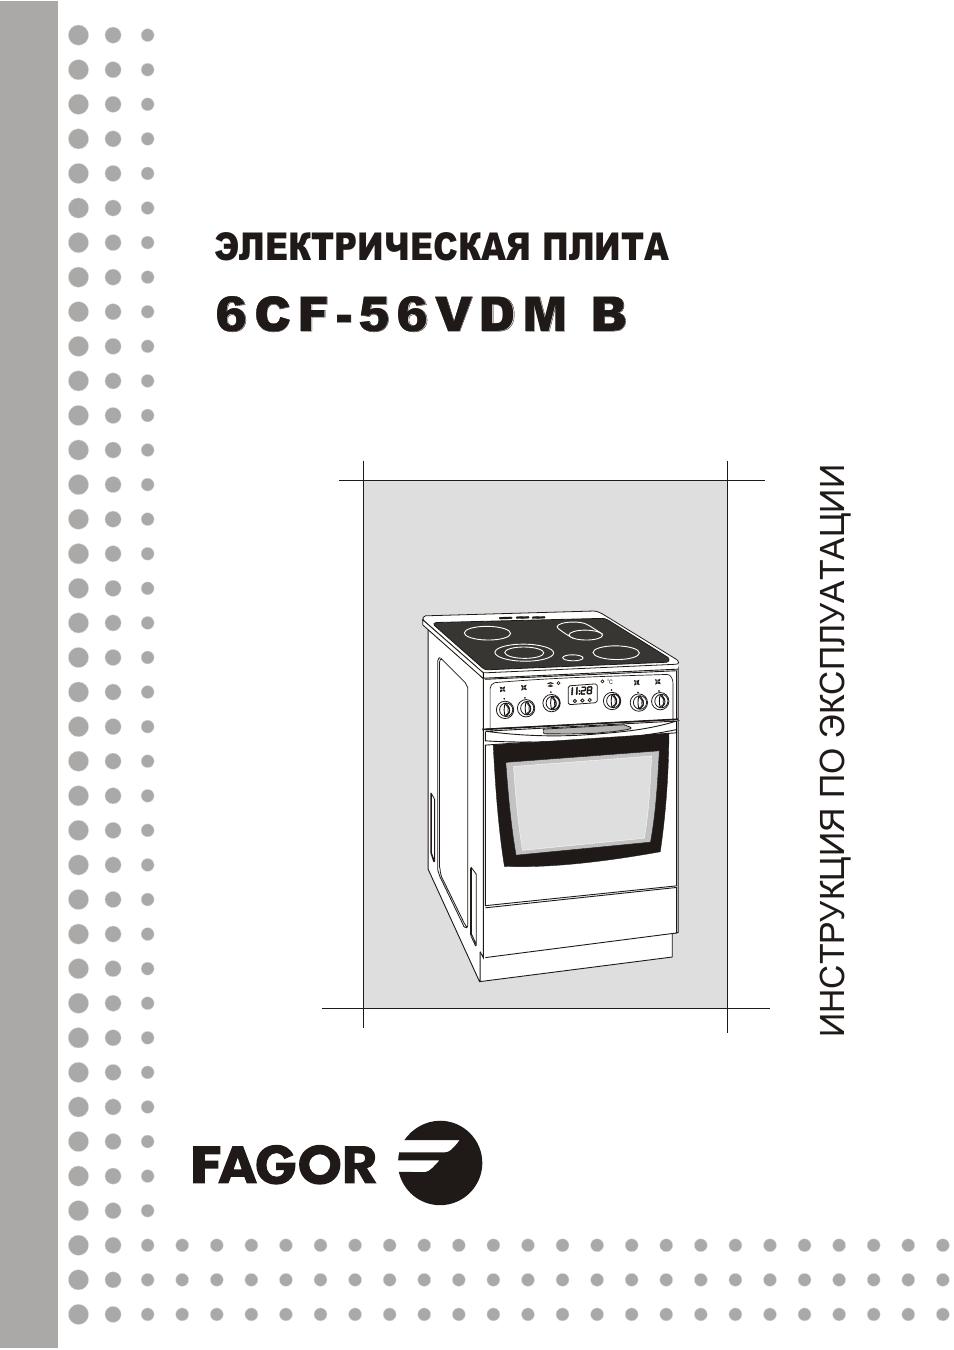 инструкция по эксплуатации холодильника fagor